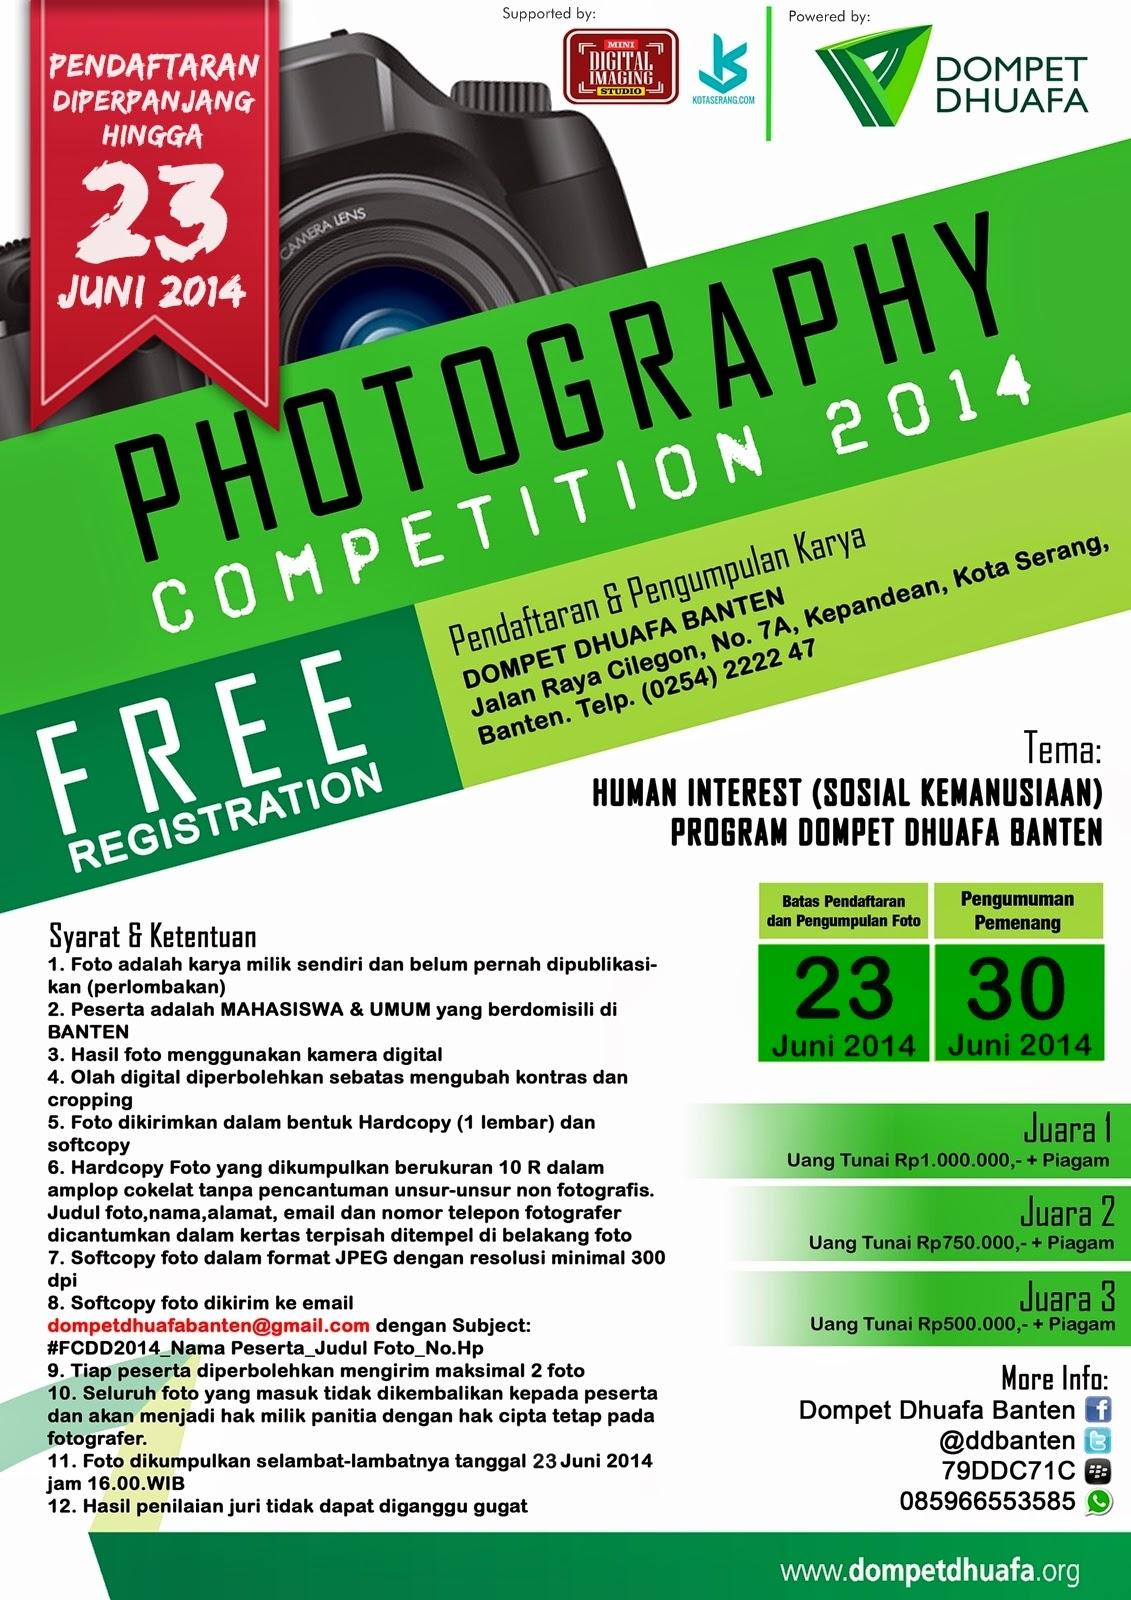 Dompet Dhuafa Banten Photography Competition 2014